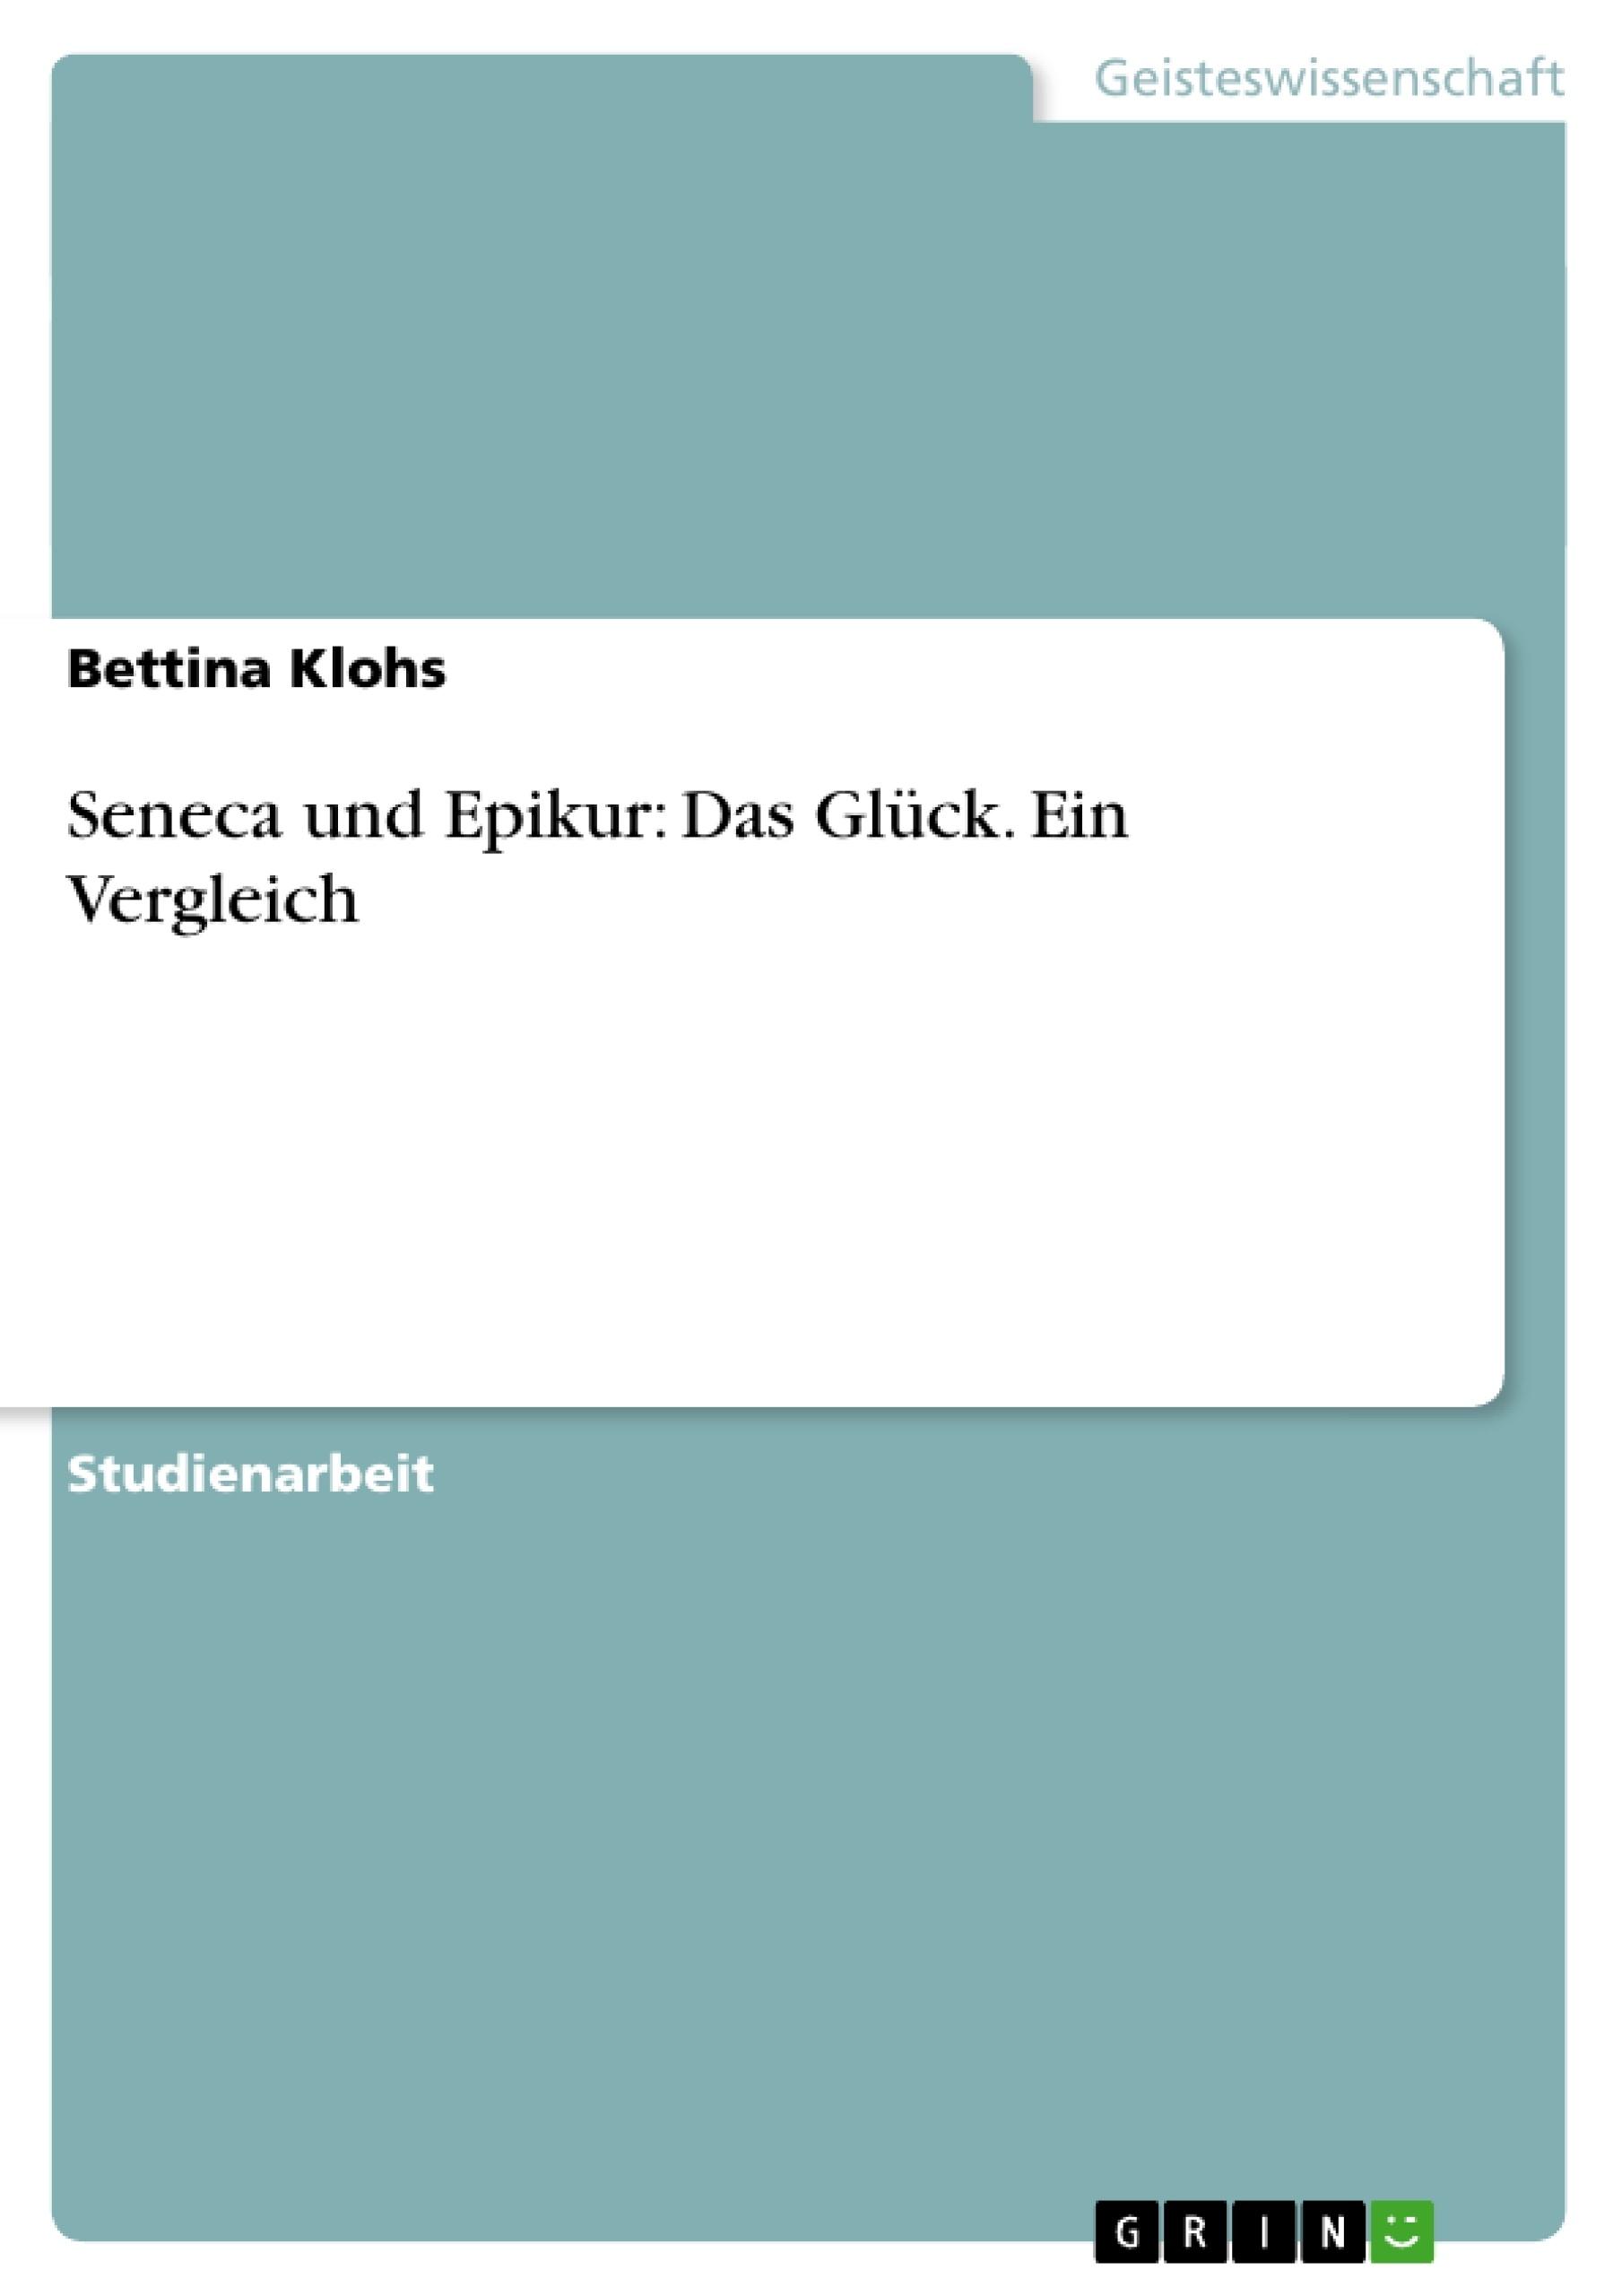 Titel: Seneca und Epikur: Das Glück. Ein Vergleich